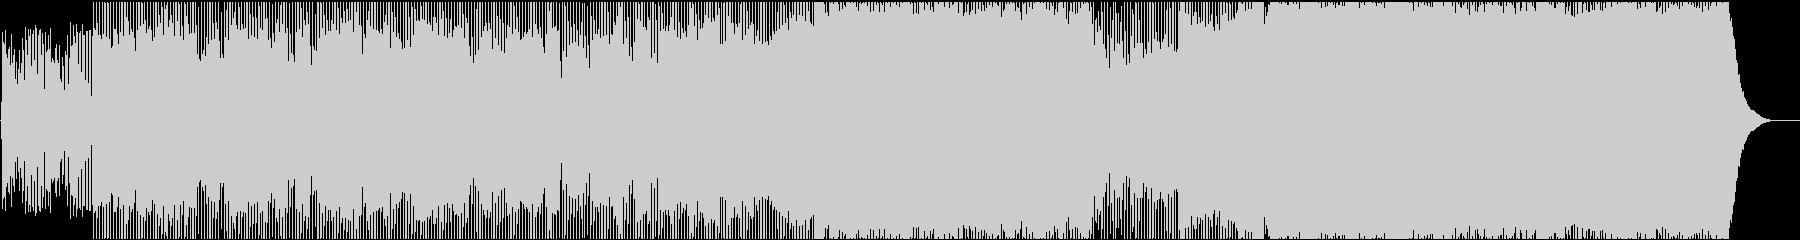 切ない4つ打ち系テクノポップの未再生の波形